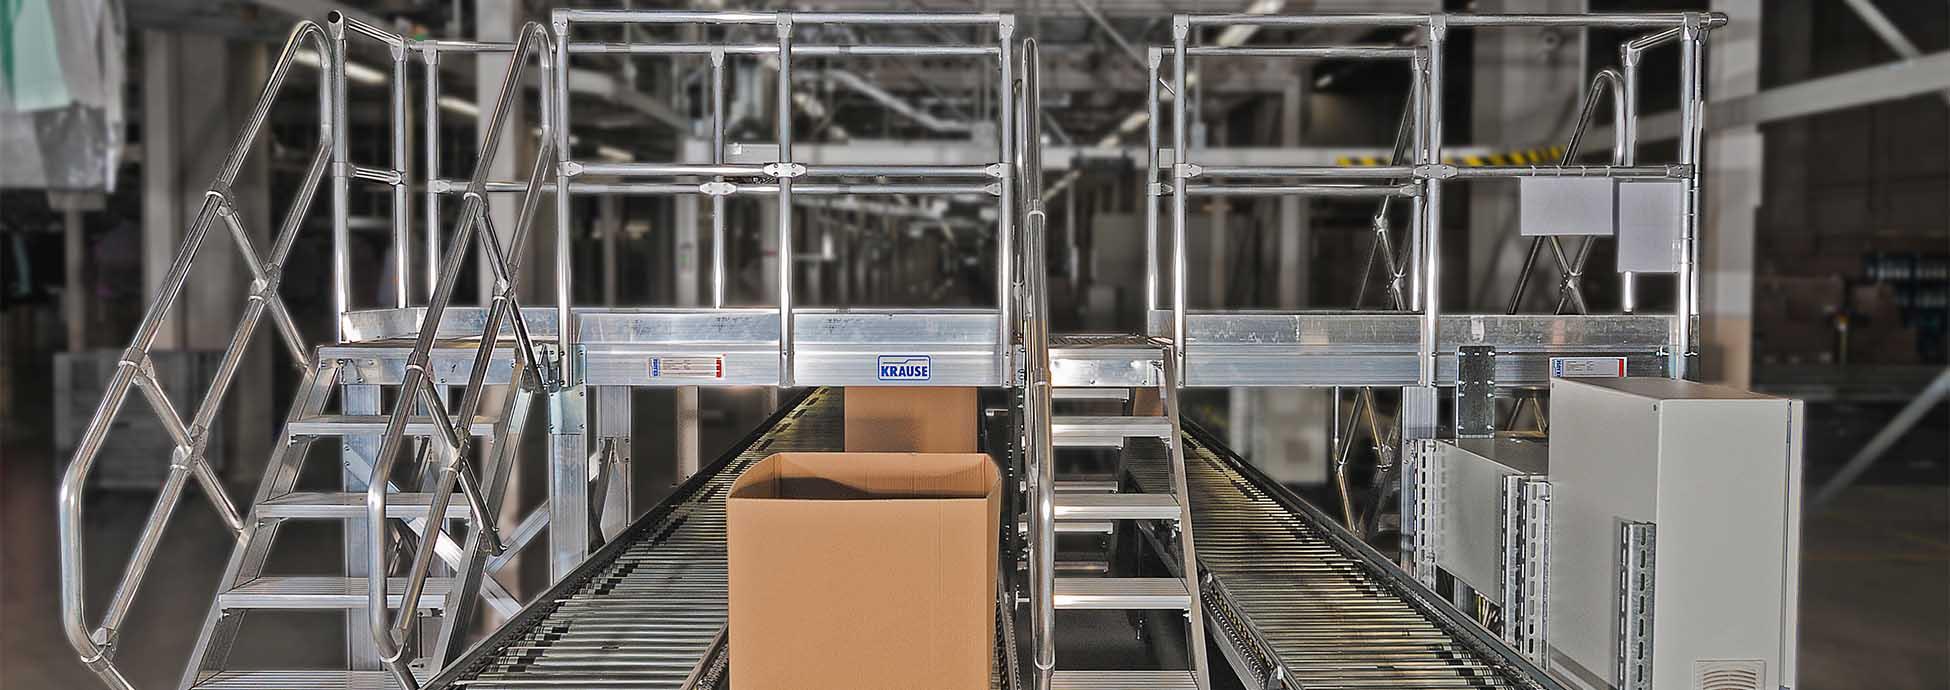 Egyedi rendszermegoldások ipari létesítmények számára, például áthidaló futószalaghoz